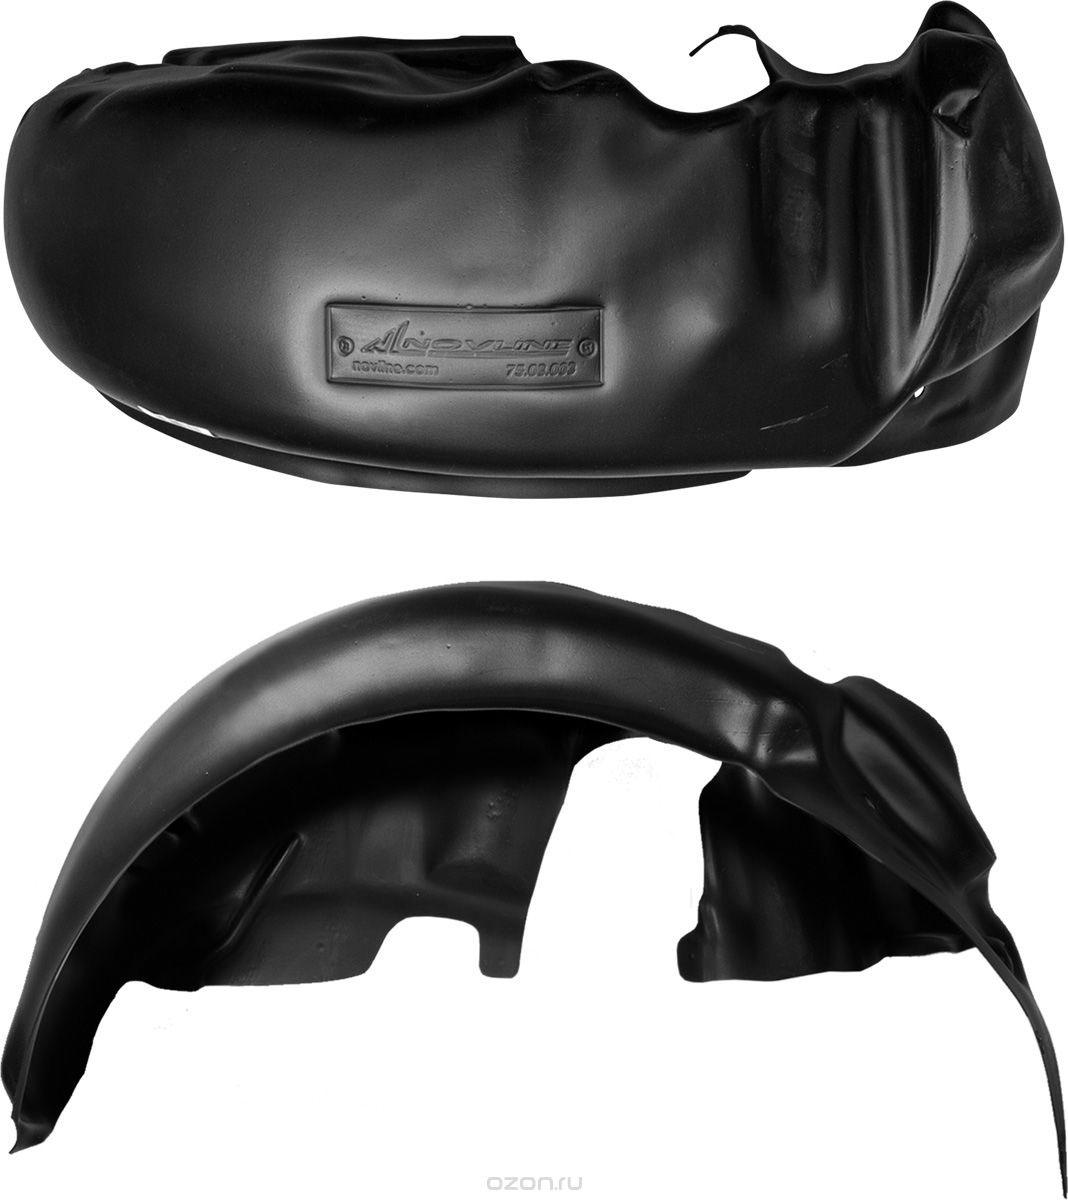 Подкрылок Novline-Autofamily, для Chery Tiggo FL, 2013->, задний левыйNLL.77.07.003Идеальная защита колесной ниши. Локеры разработаны с применением цифровых технологий, гарантируют максимальную повторяемость поверхности арки. Изделия устанавливаются без нарушения лакокрасочного покрытия автомобиля, каждый подкрылок комплектуется крепежом. Уважаемые клиенты, обращаем ваше внимание, что фотографии на подкрылки универсальные и не отражают реальную форму изделия. При этом само изделие идет точно под размер указанного автомобиля.